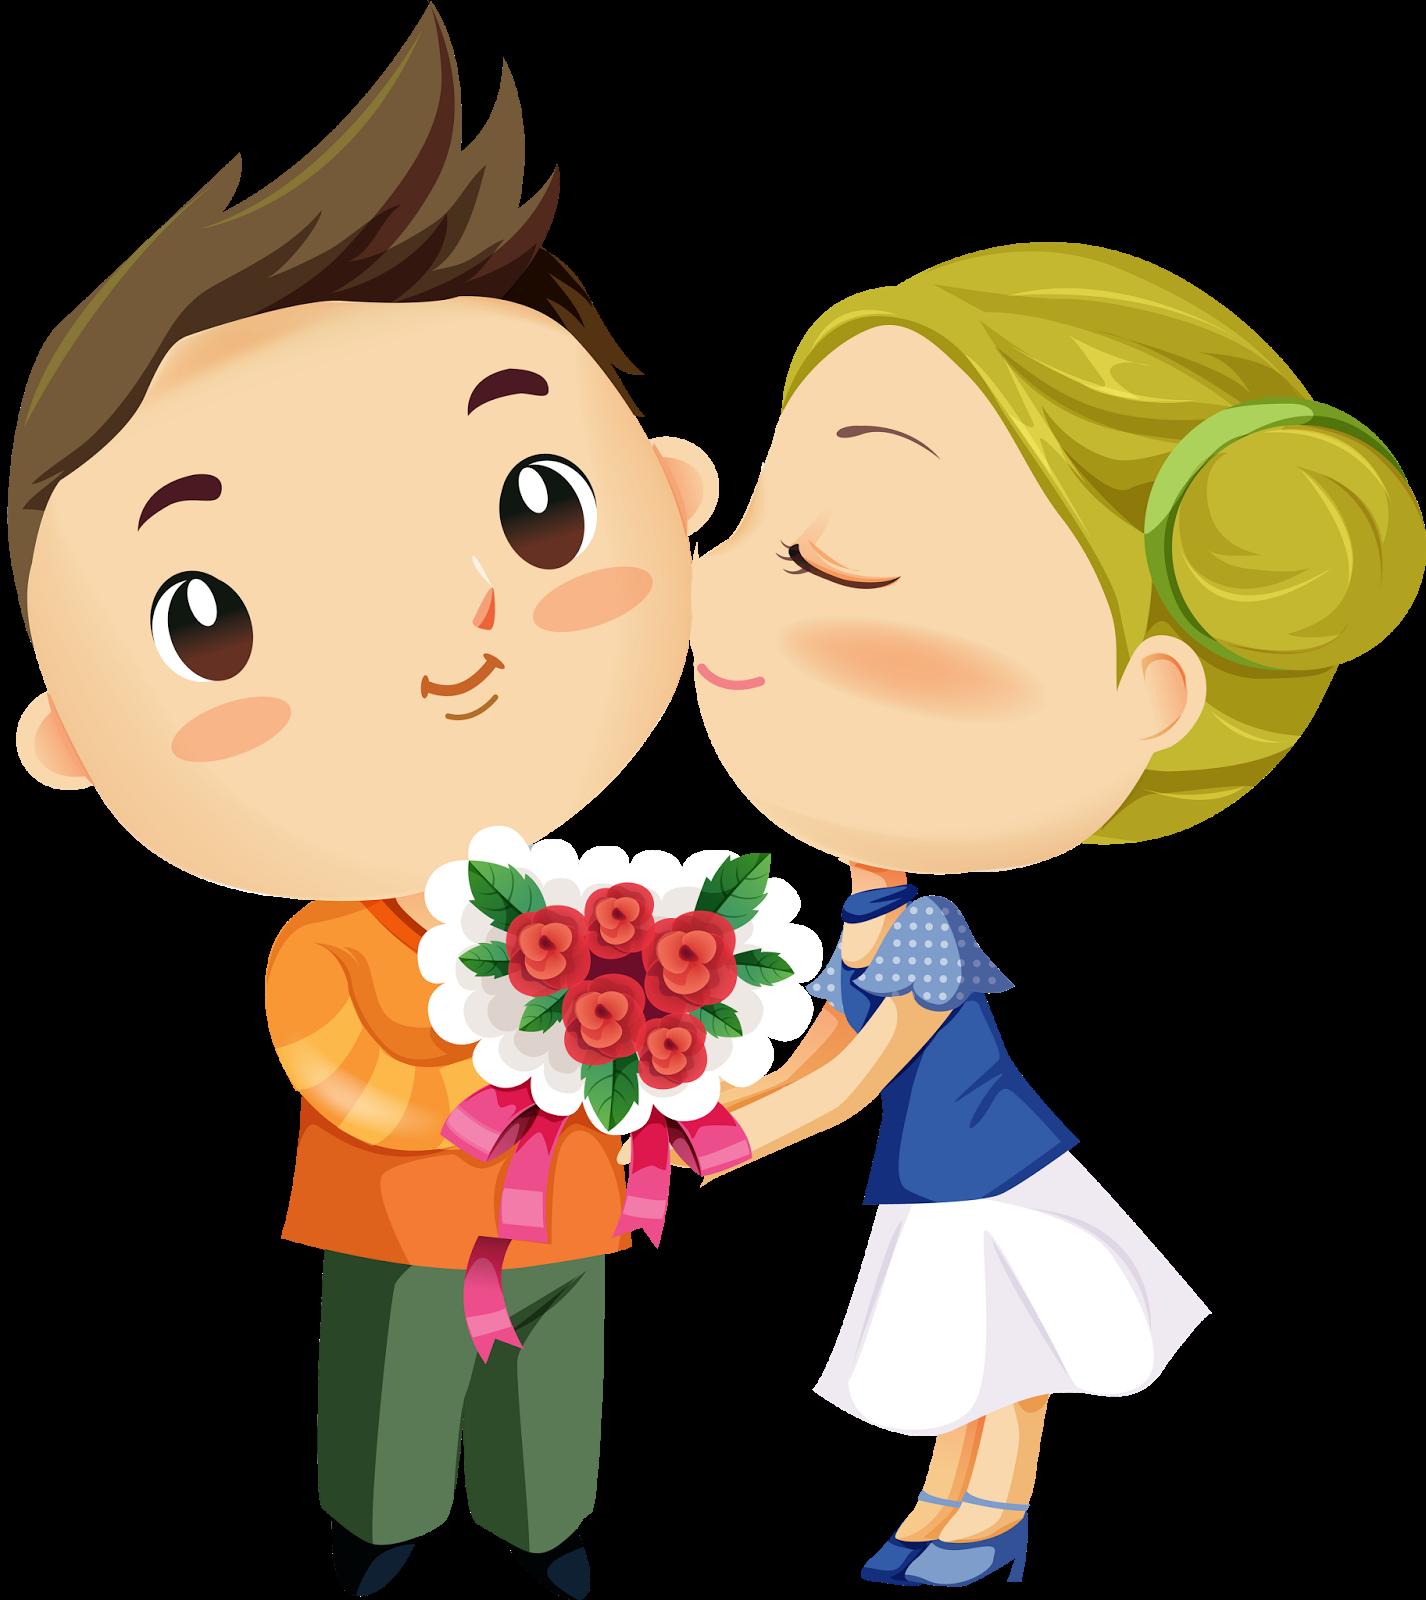 Поздравления с днем рождения мужа подруги - Поздравок 37